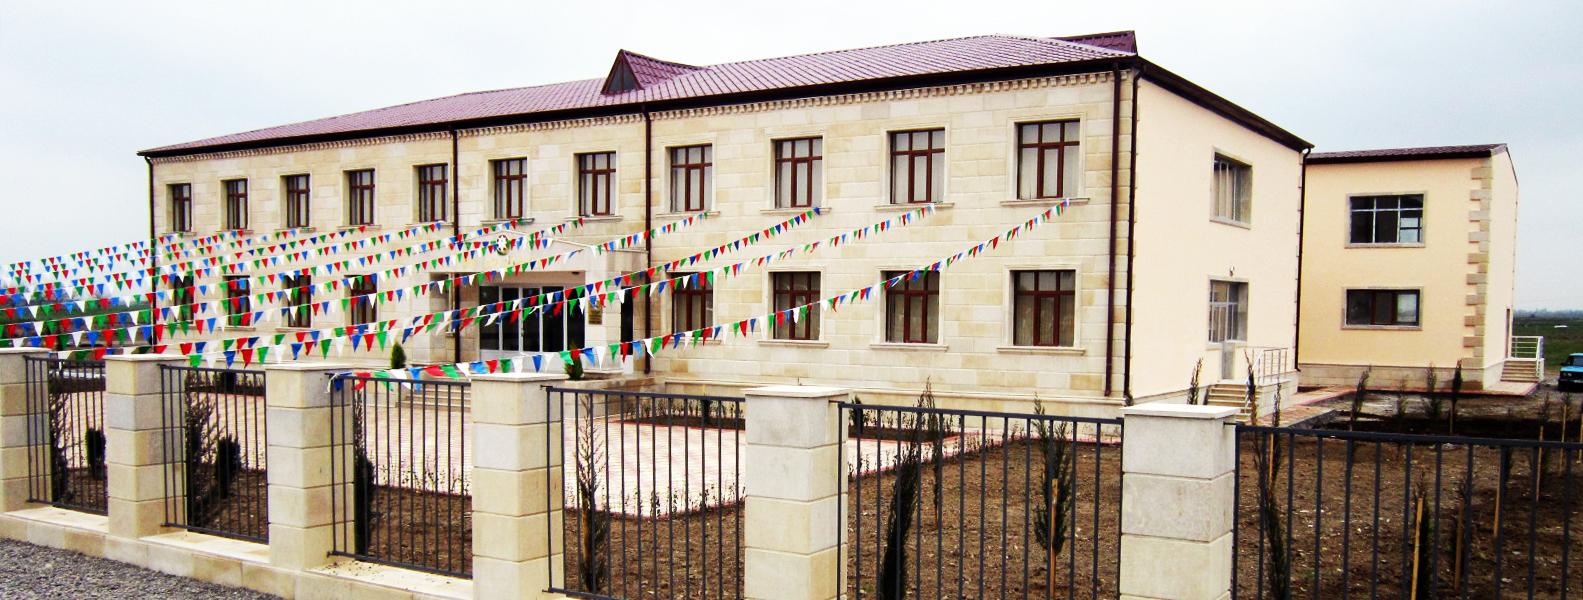 Perlit MMC podratçı təşkilat Beyləqan rayonu ərazisində mühüm layihələr həyata keçirmişdir